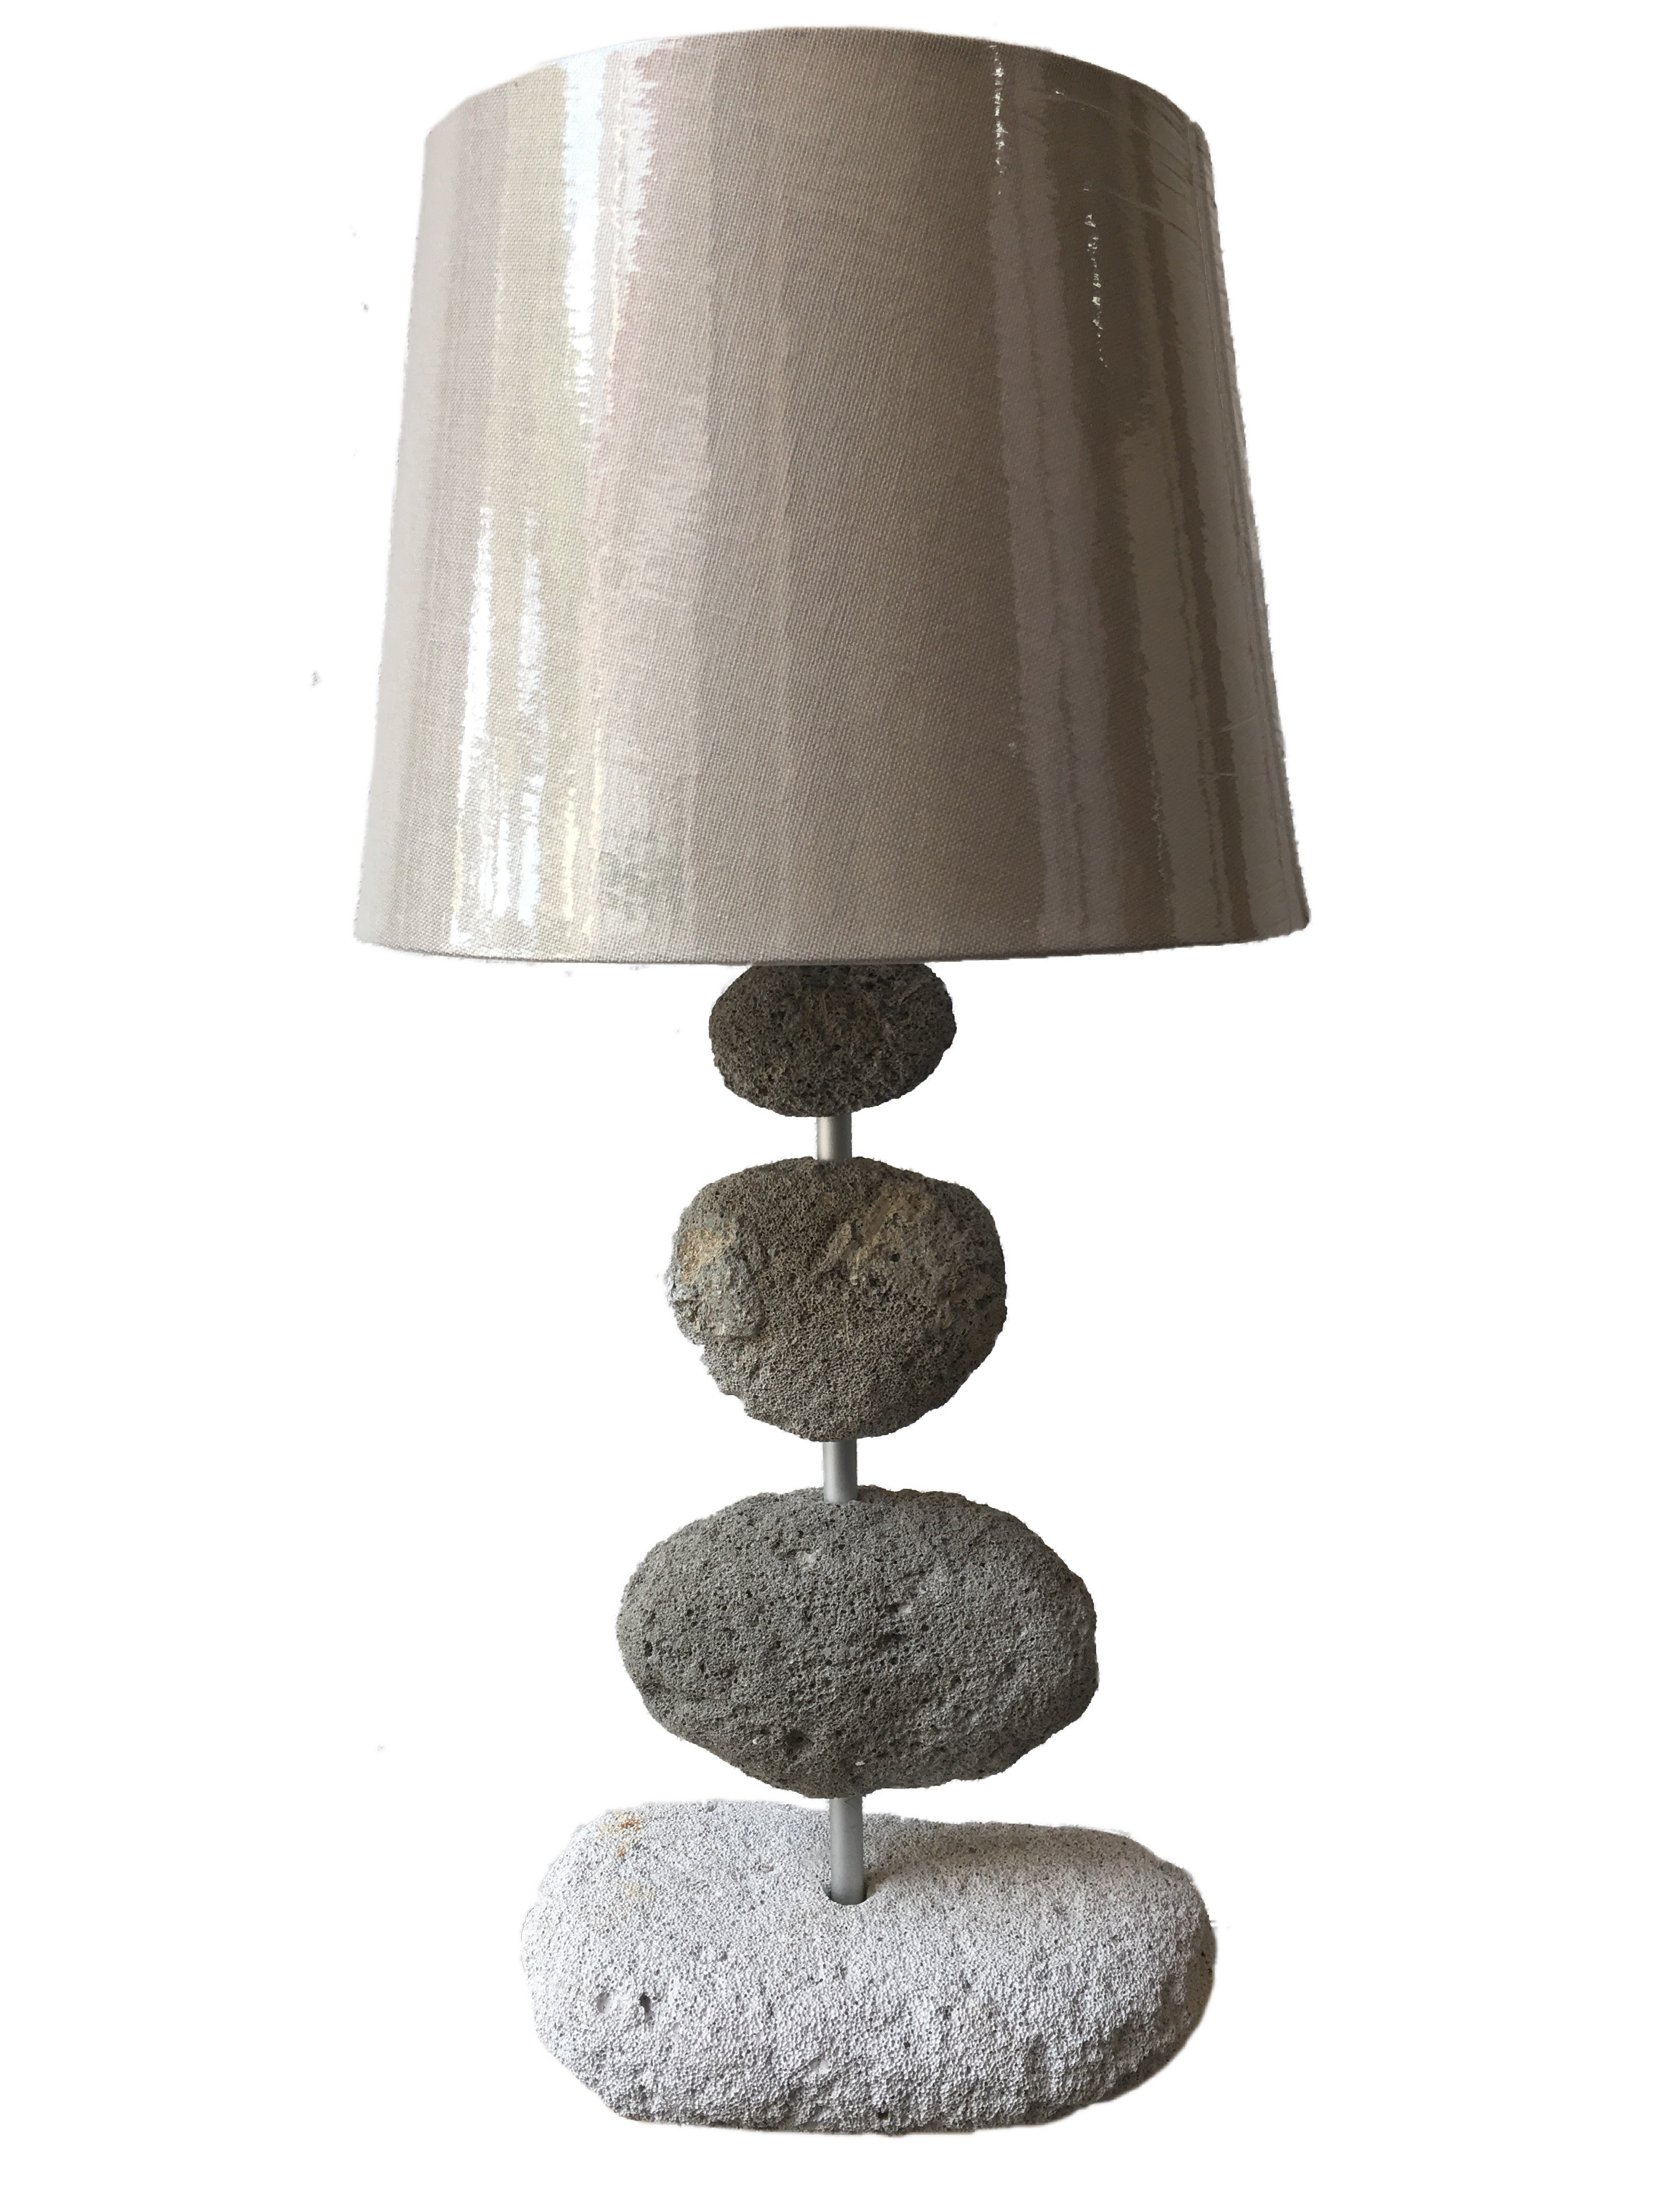 Lampada #2